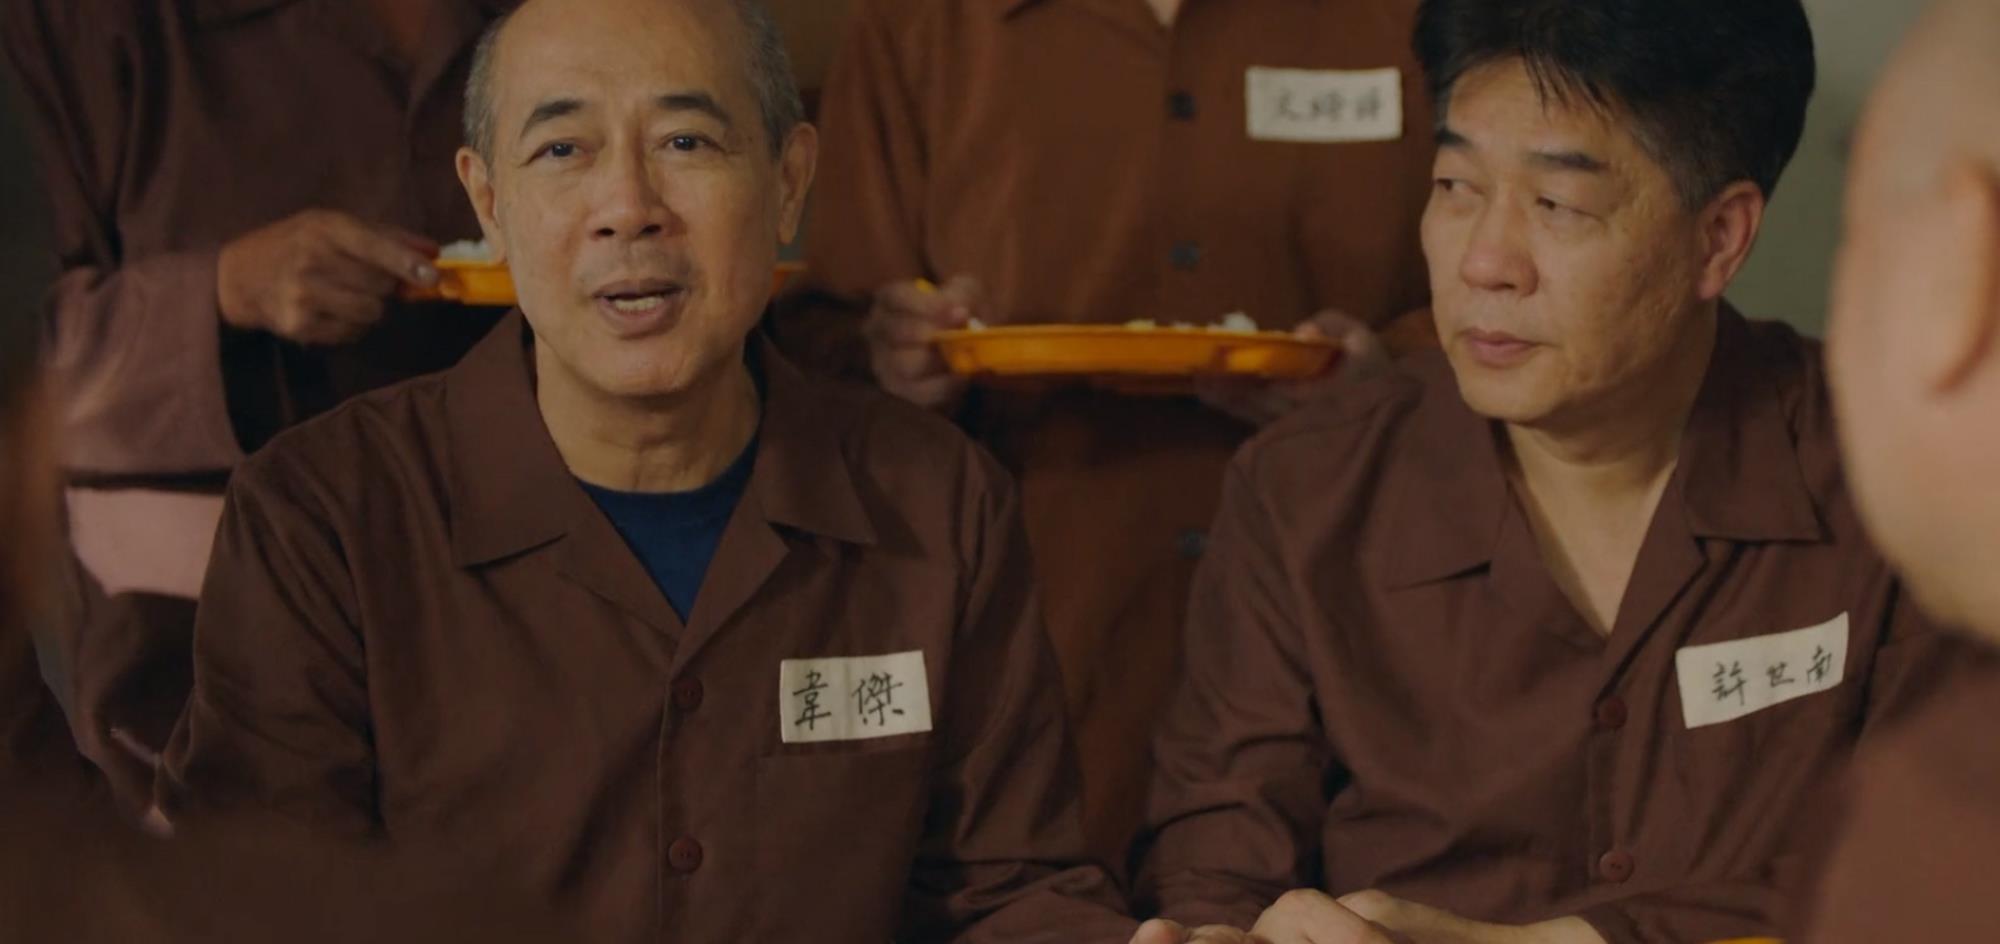 《使徒行者3》: 韋作榮是冒牌貨, 薛傢強險喪命, 真相細思極恐-圖4